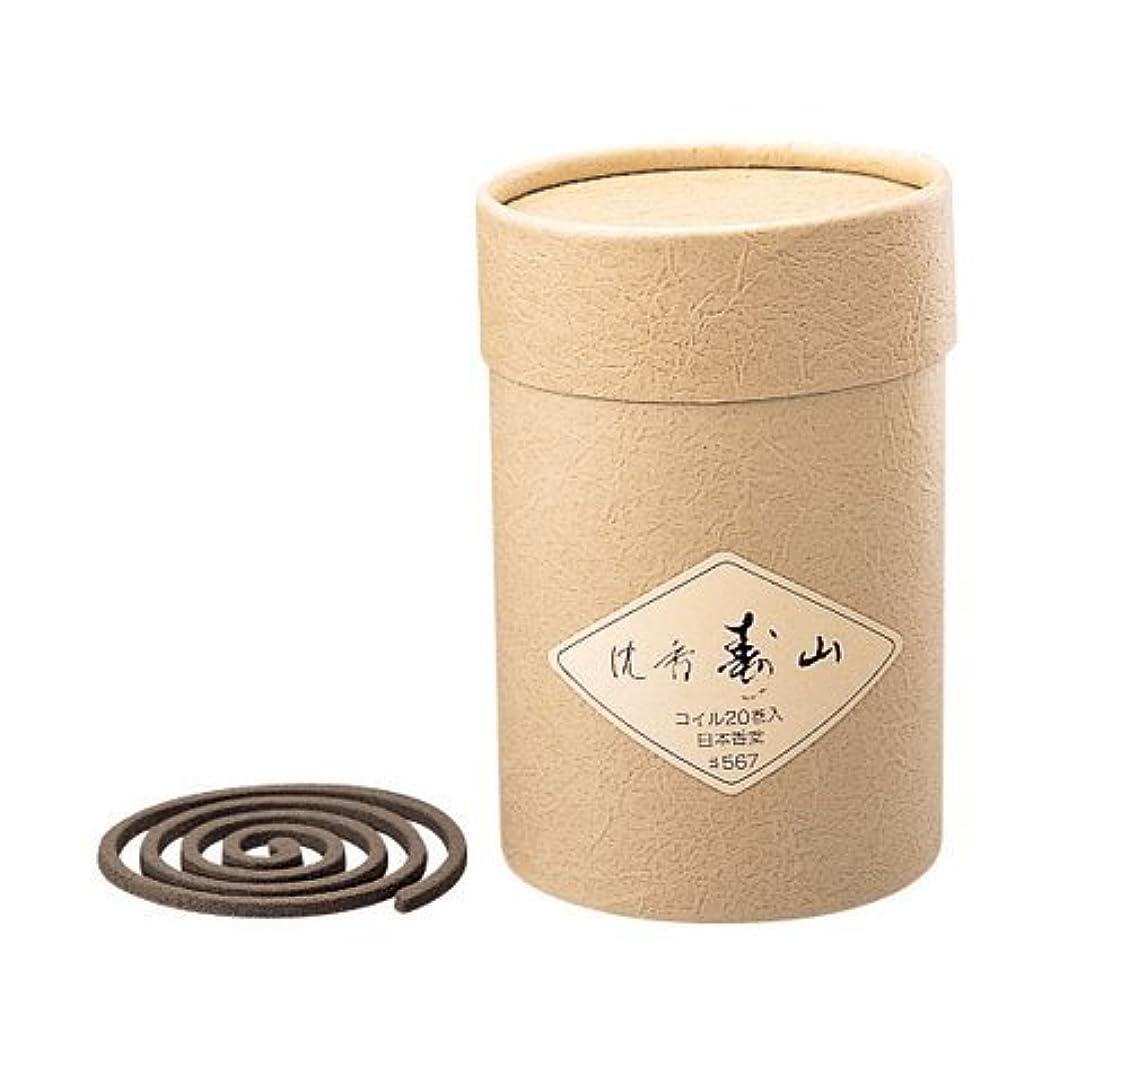 香木の香りのお香 沈香寿山 コイル20巻入【お香】